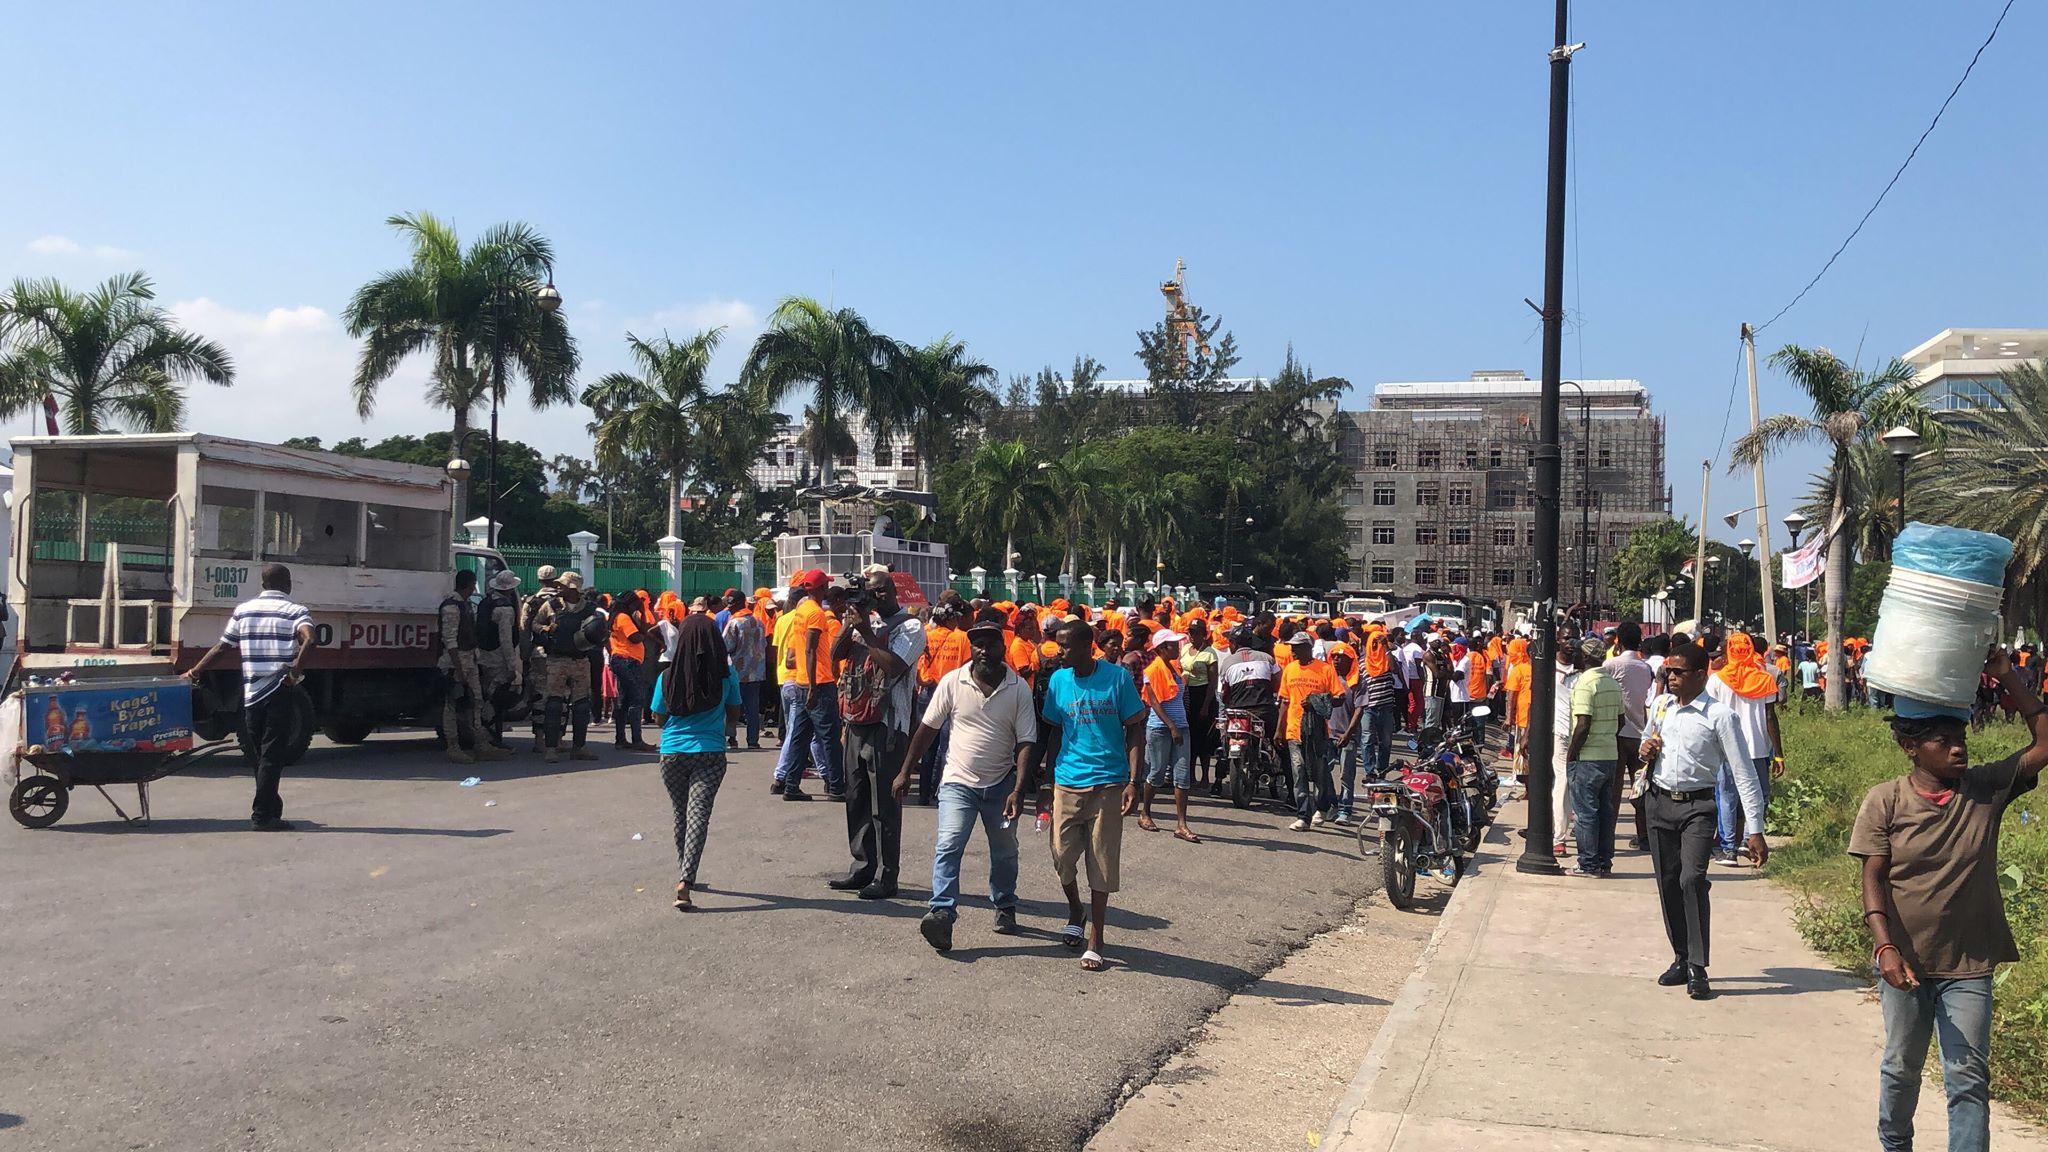 Une foule de gens massés, ce lundi matin, devant le Palais national où le Premier Ministre Jean Henry Céant procédait au lancement officiel du projet d'assainissement de la région métropolitaine de Port-au-Prince.